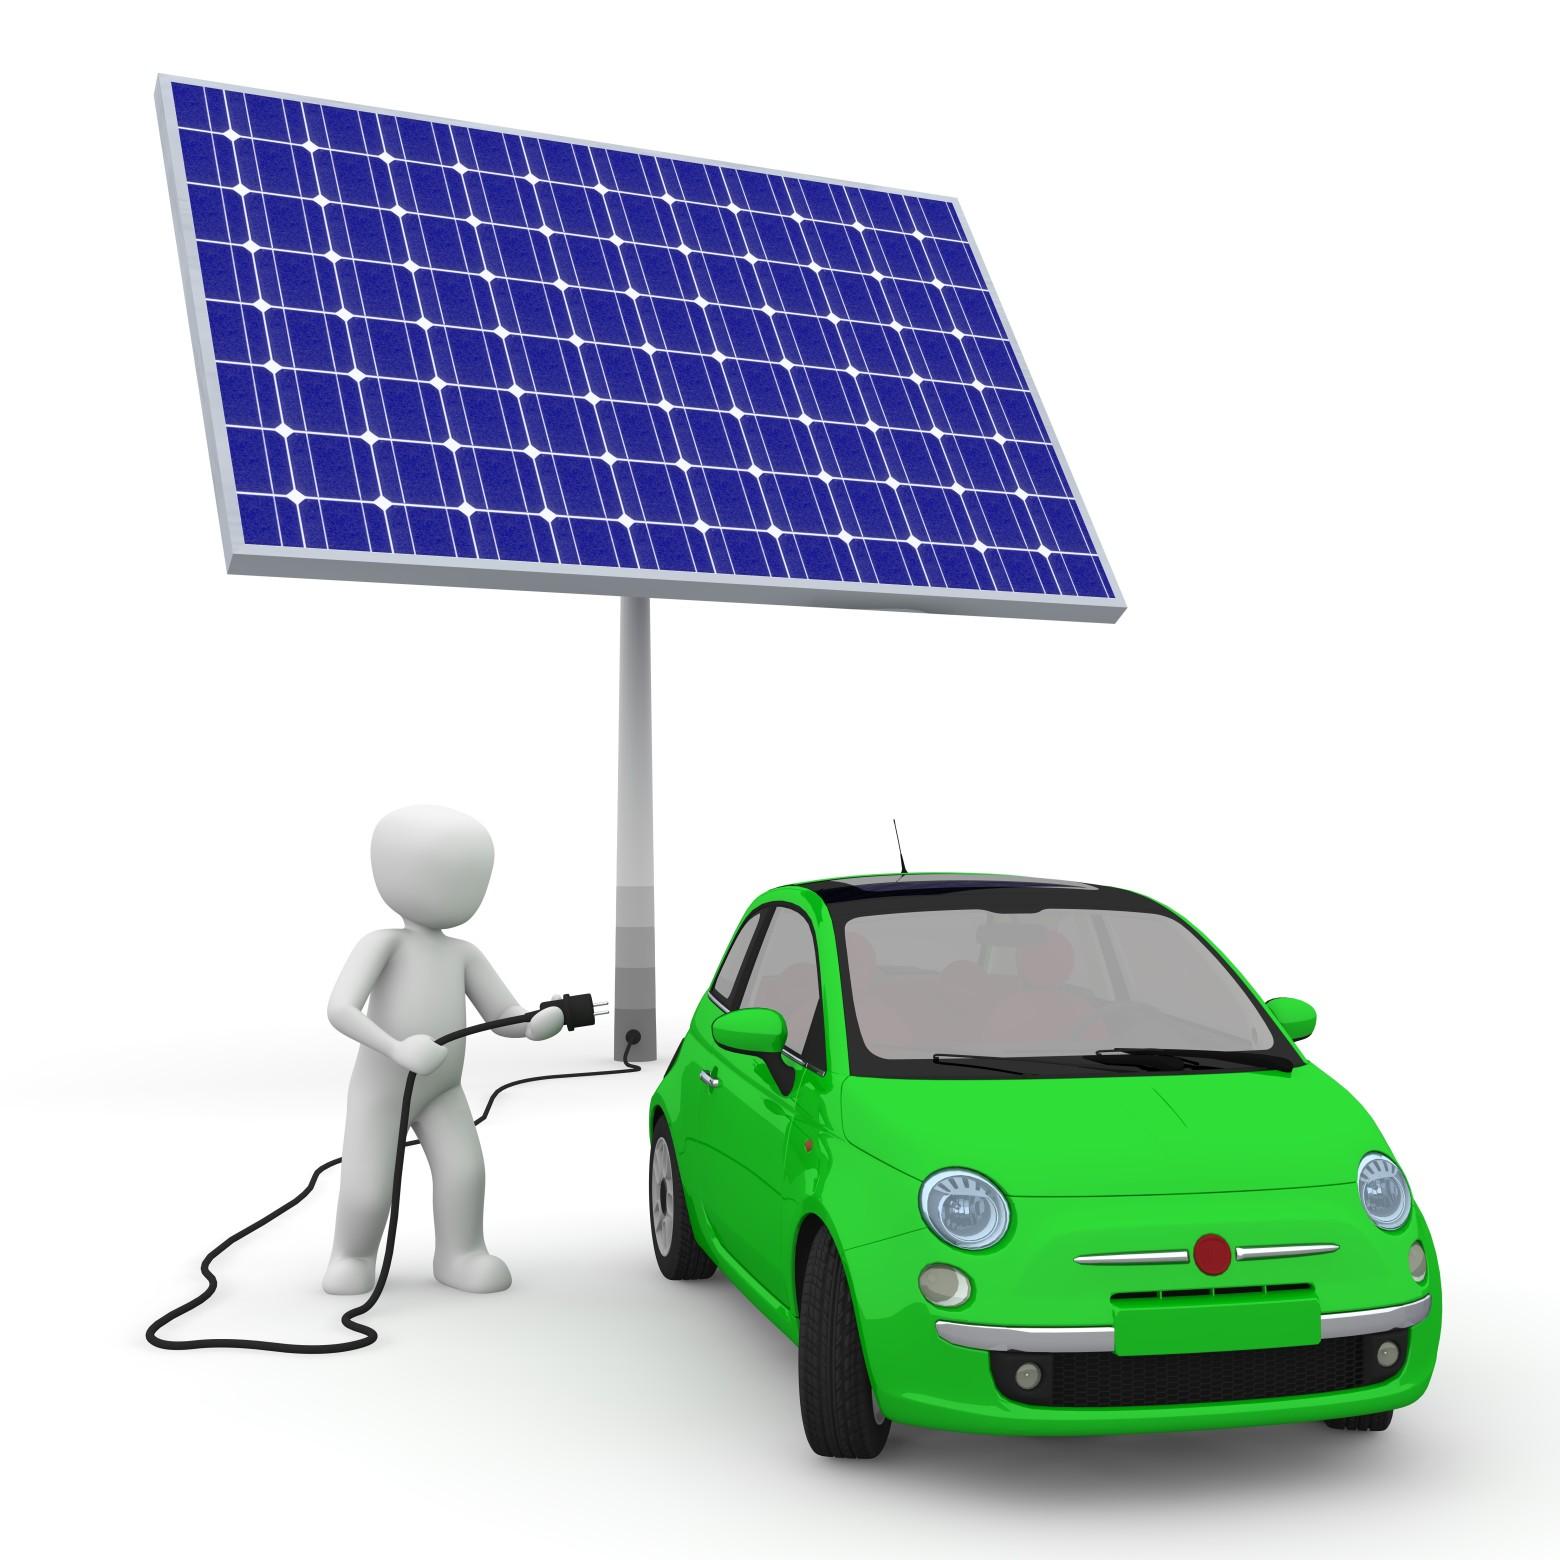 panneau solaire et voiture lectrique images gratuites et libres de droits. Black Bedroom Furniture Sets. Home Design Ideas